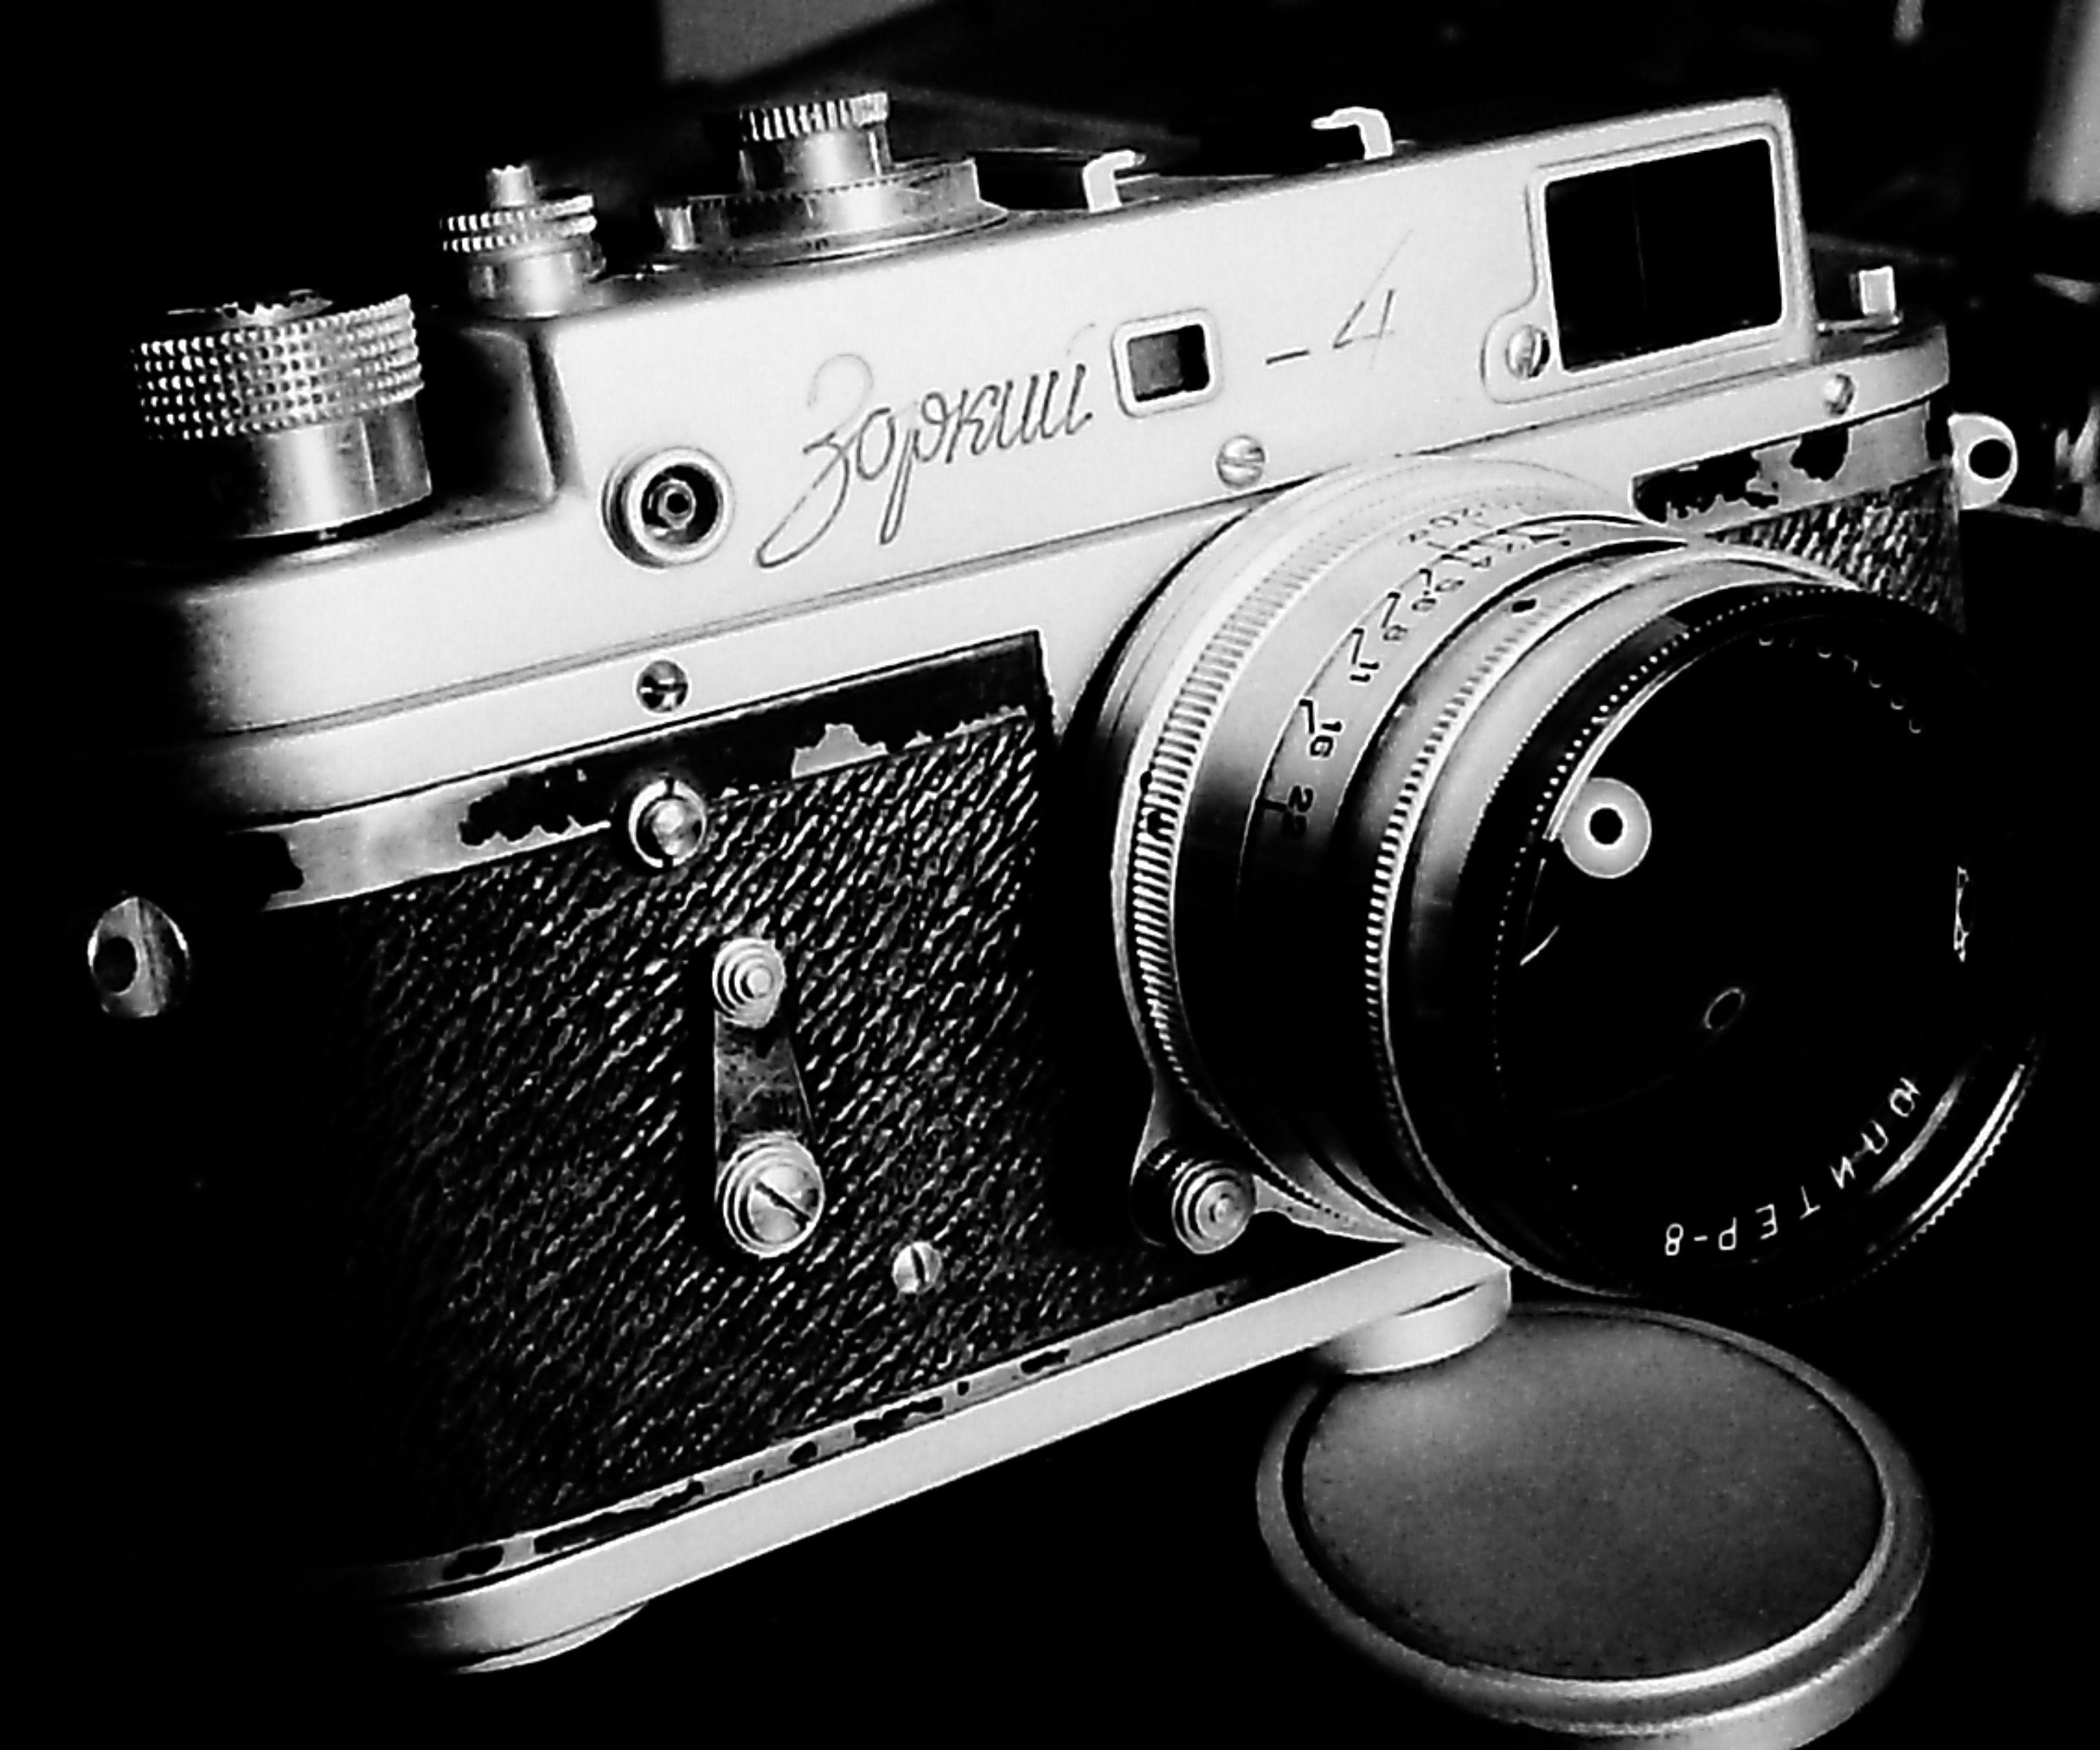 40,000 Rolls of Film Developed From 50 Grams of Phenidone: 4